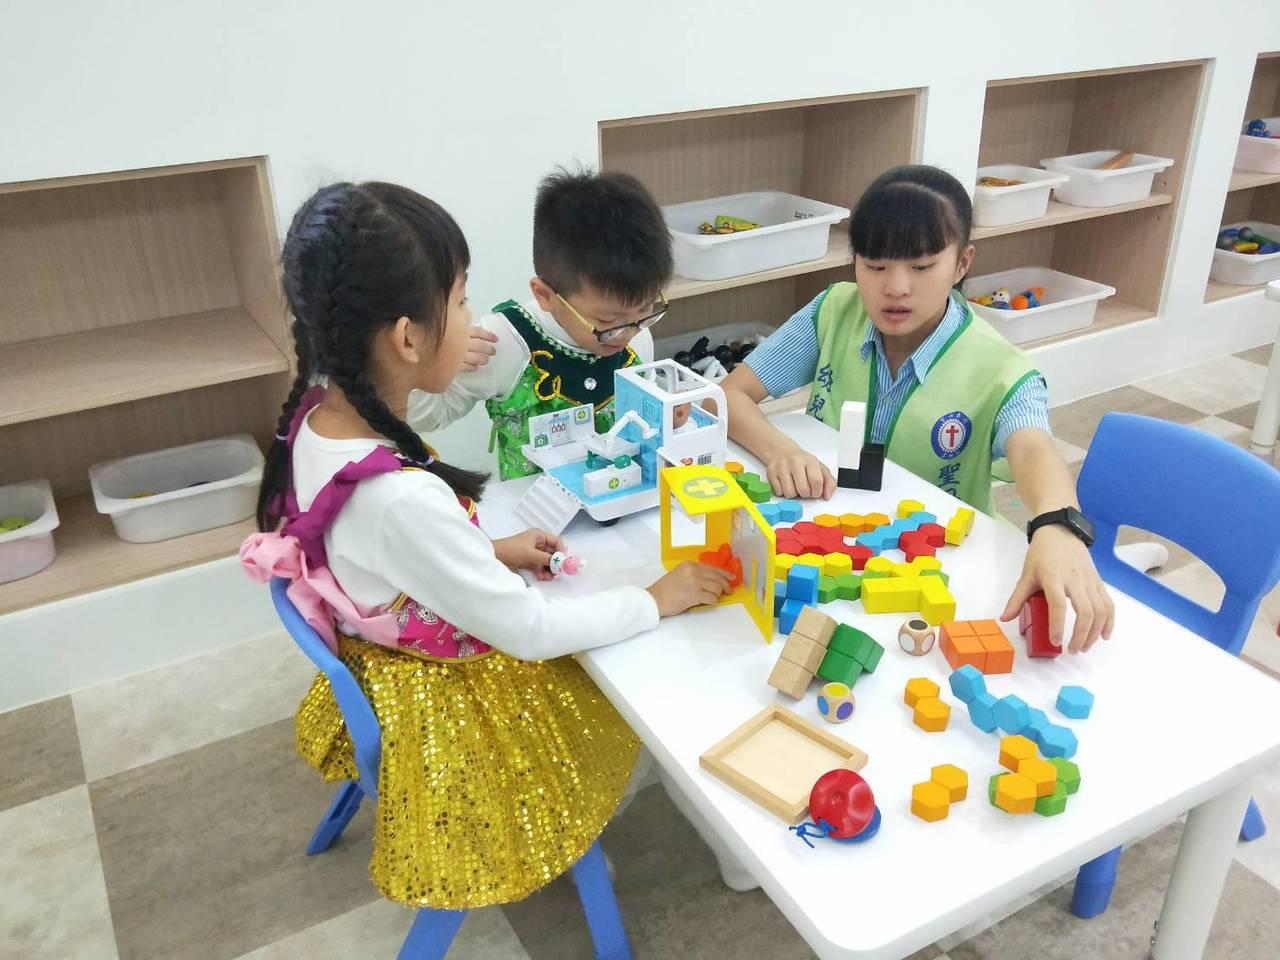 壯圍親子館保育員由聖母醫護管理專科學校提供幼兒保育科專業師資,也提供幼保科學生實...